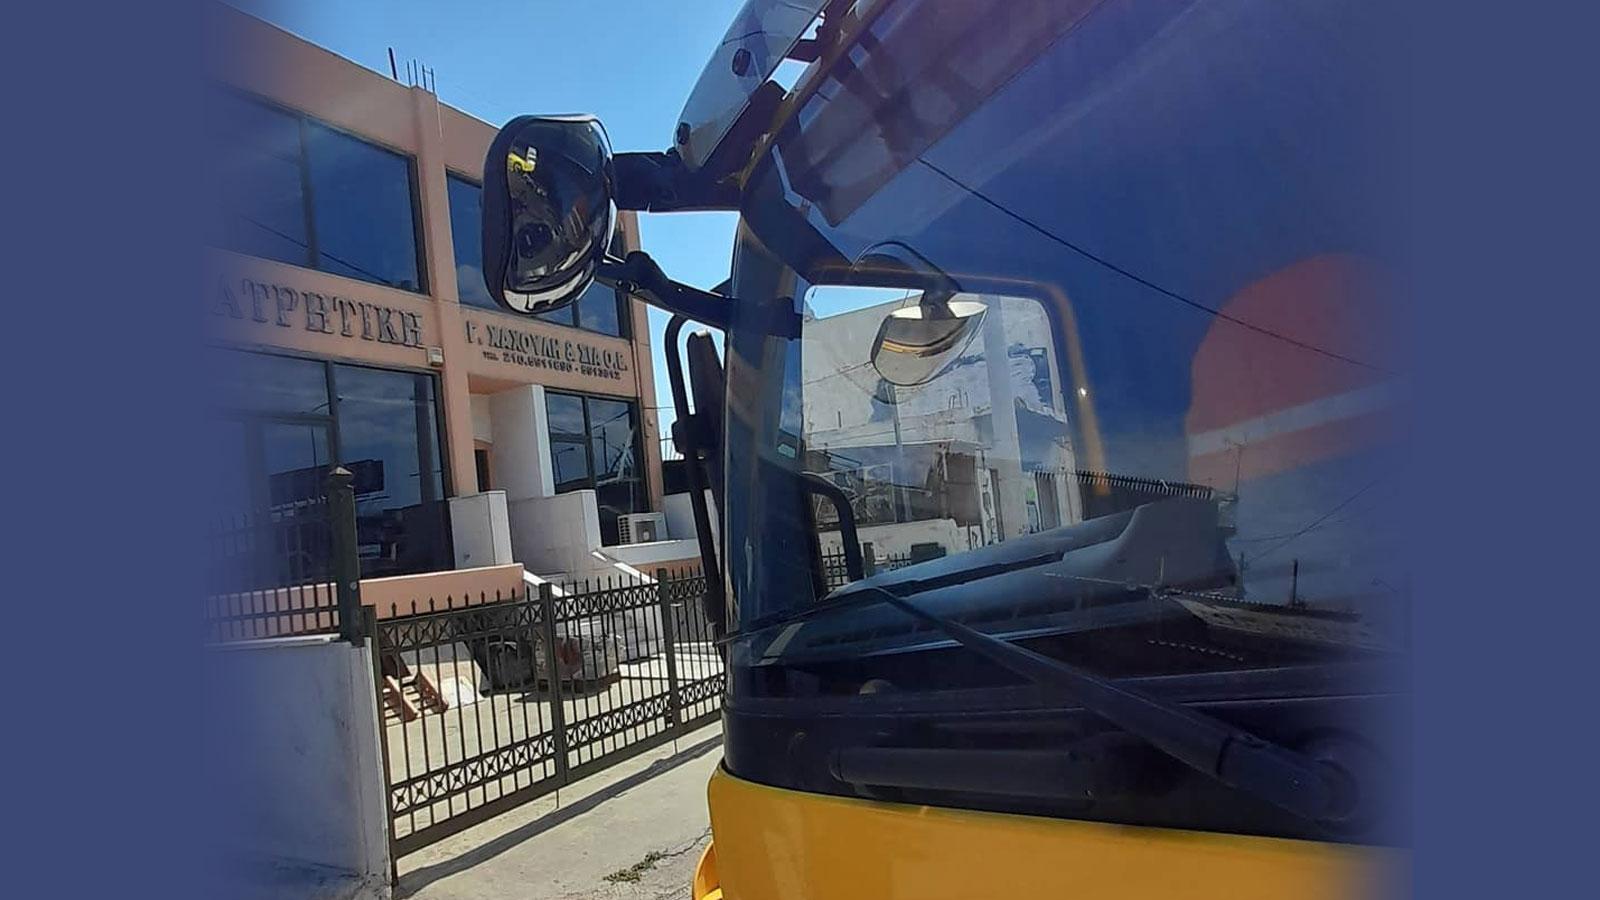 Στο site - e shop της Kalkanis Trucks θα βρείτε μια τεράστια γκάμα ανταλλακτικών για όλα τα αυτοκίνητα.